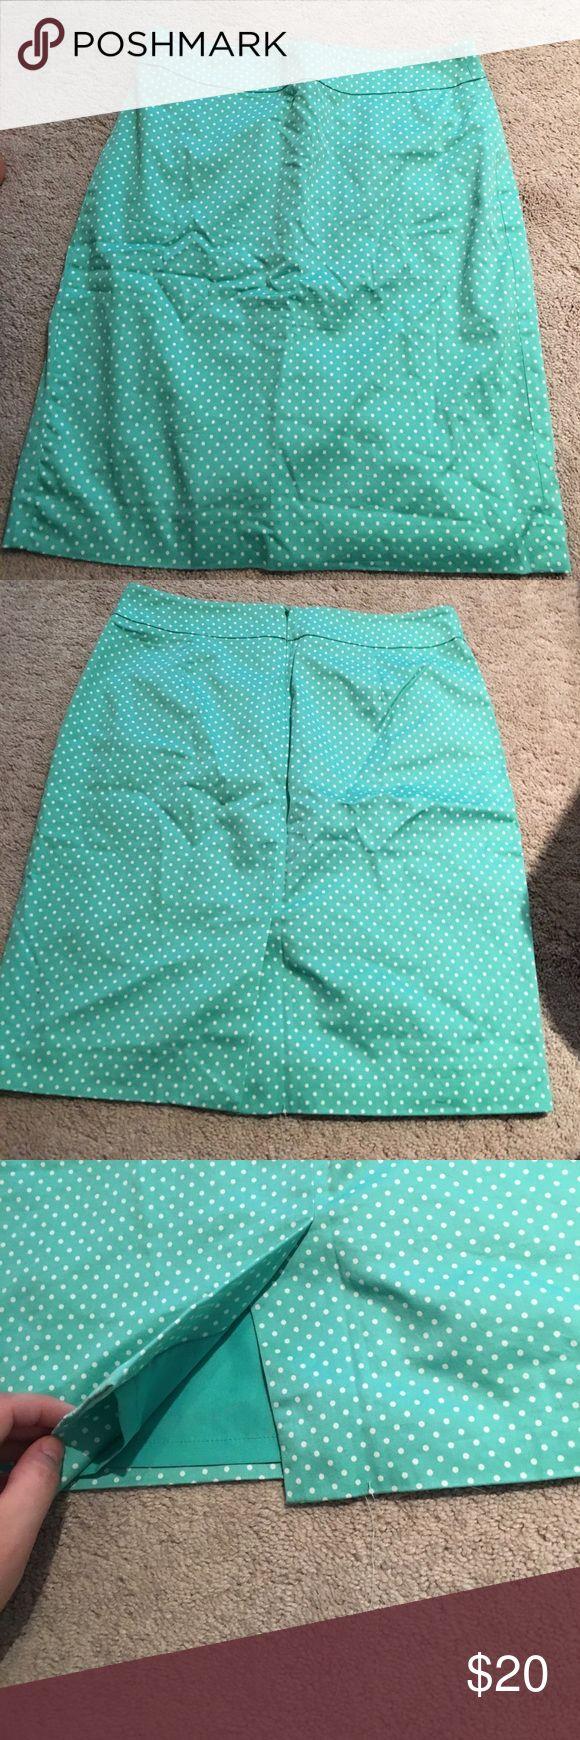 Ann Taylor petite pencil skirt Beautiful pencil skirt, only worn twice. Size 4 petite Ann Taylor Skirts Pencil